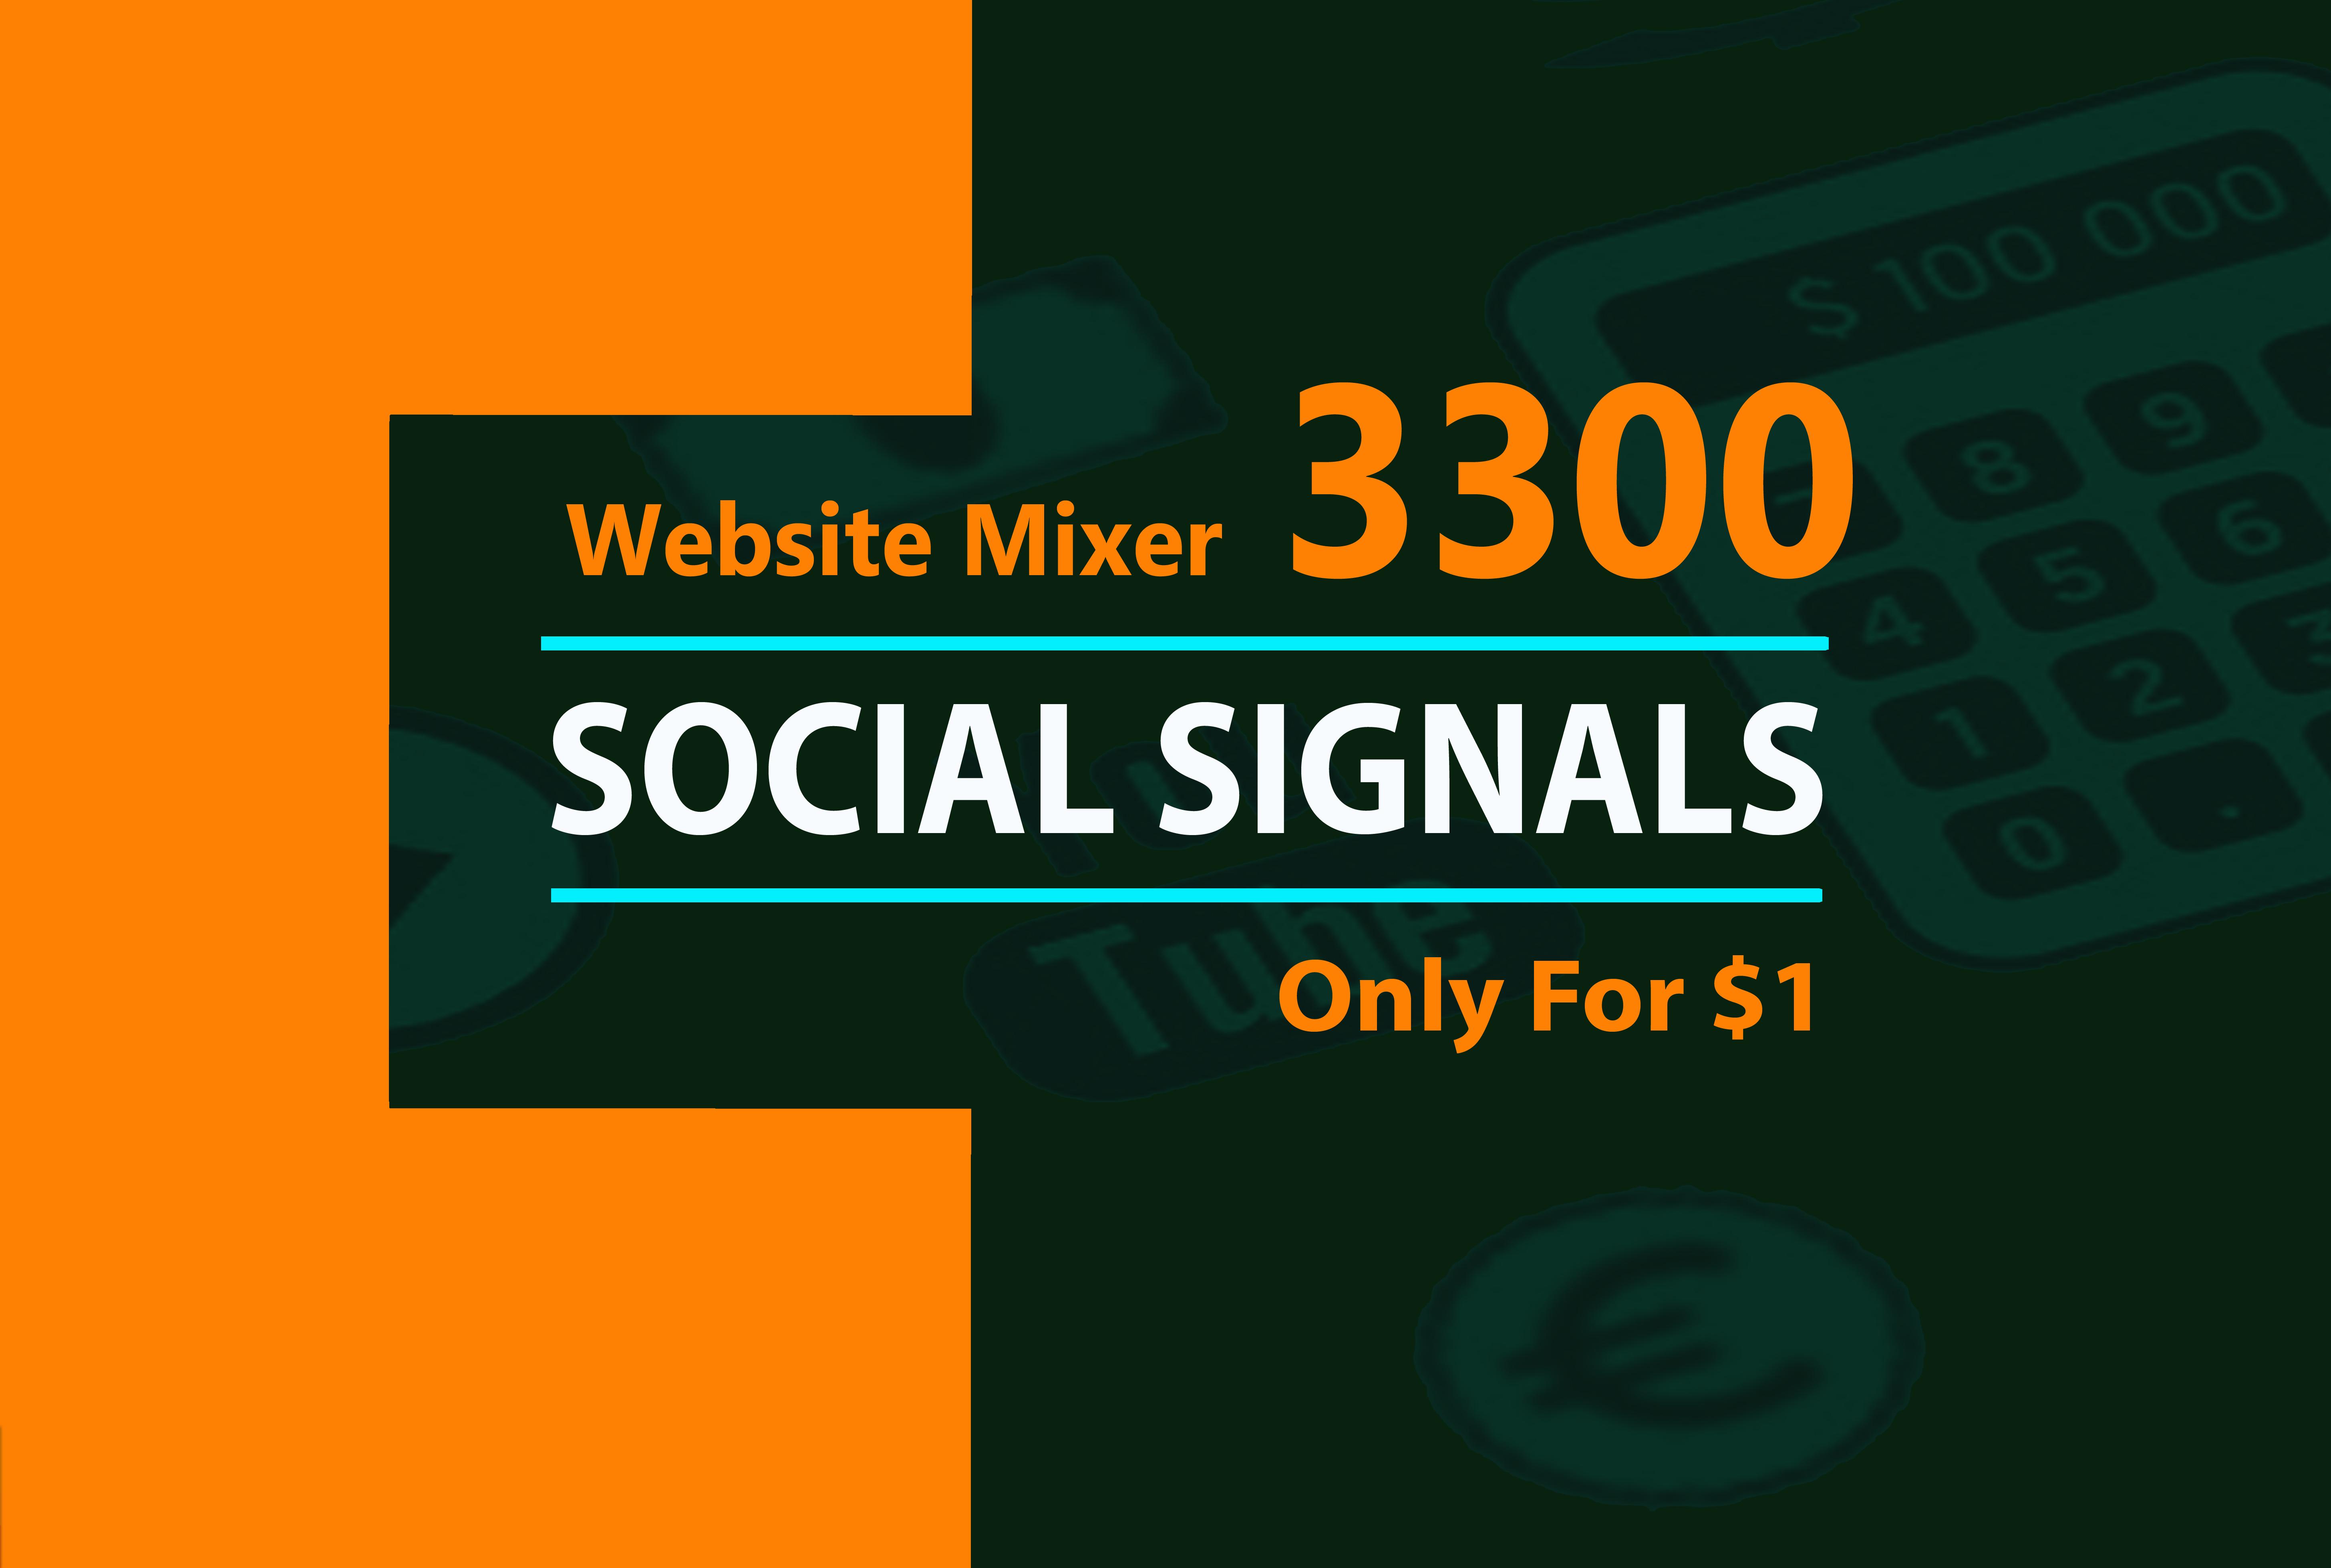 3300 website mixed social signals